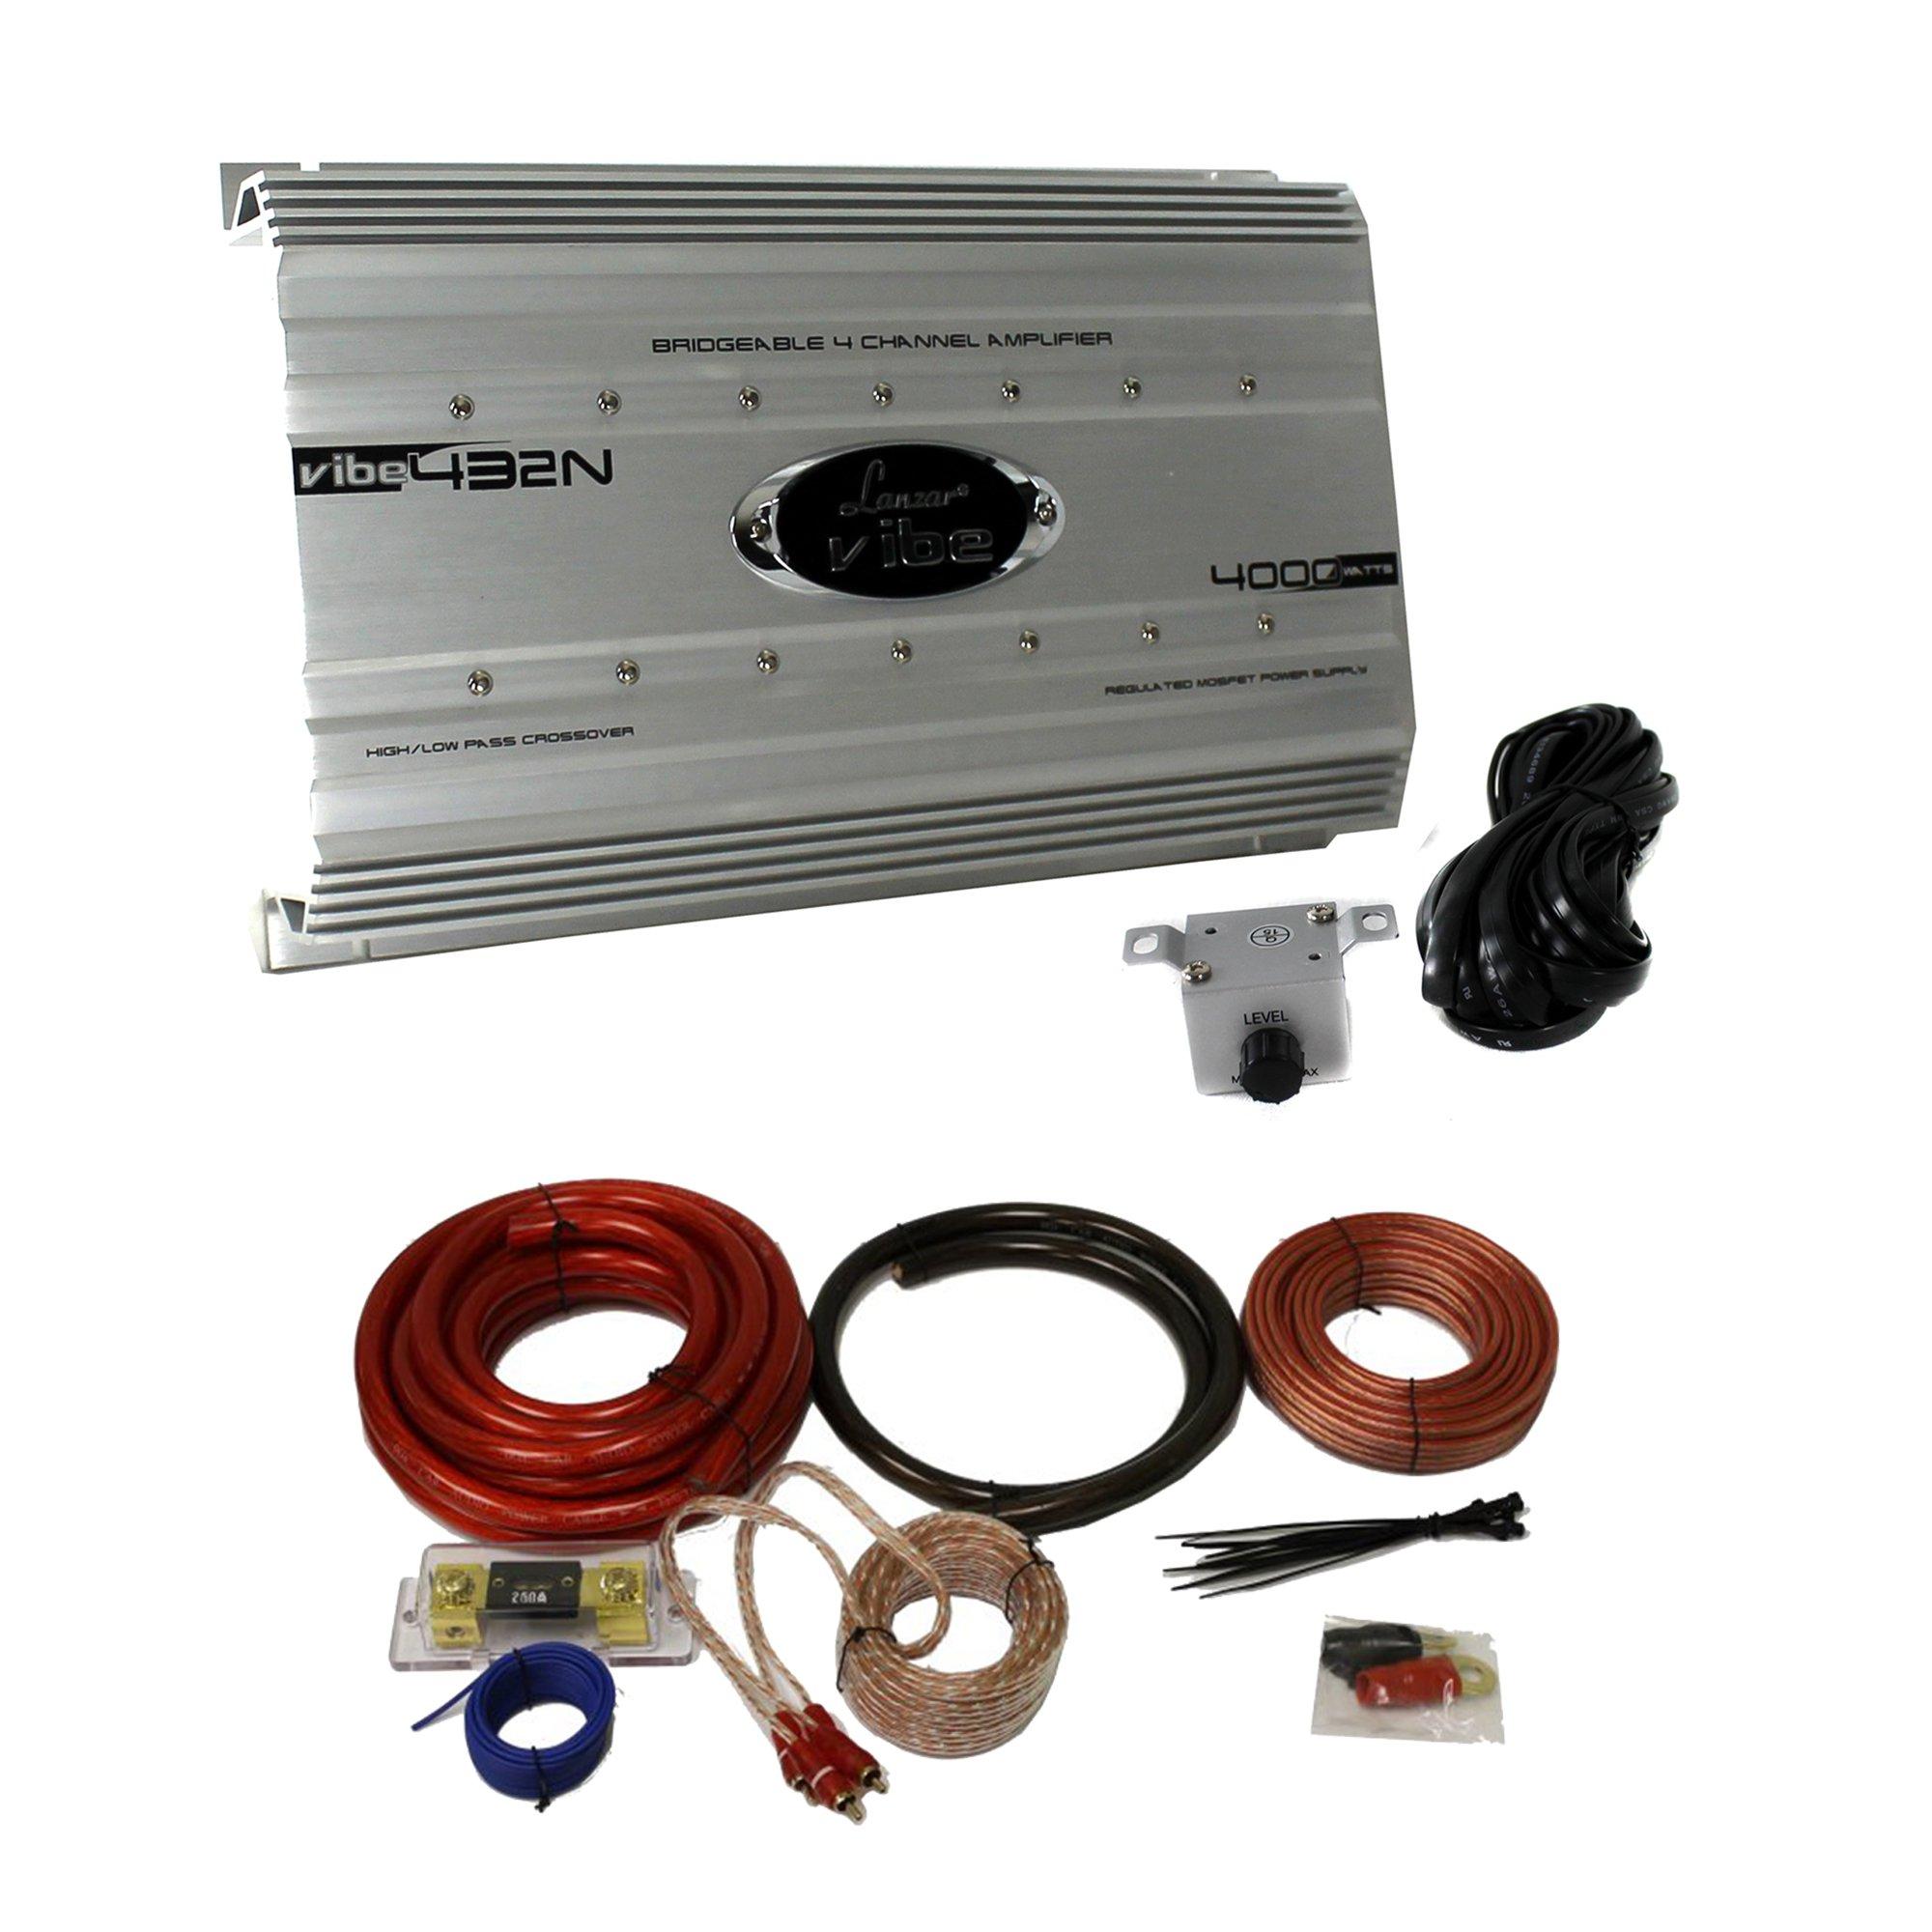 Lanzar 4000 Watt 4 Channel Bridgeable Car Audio Amplifier...